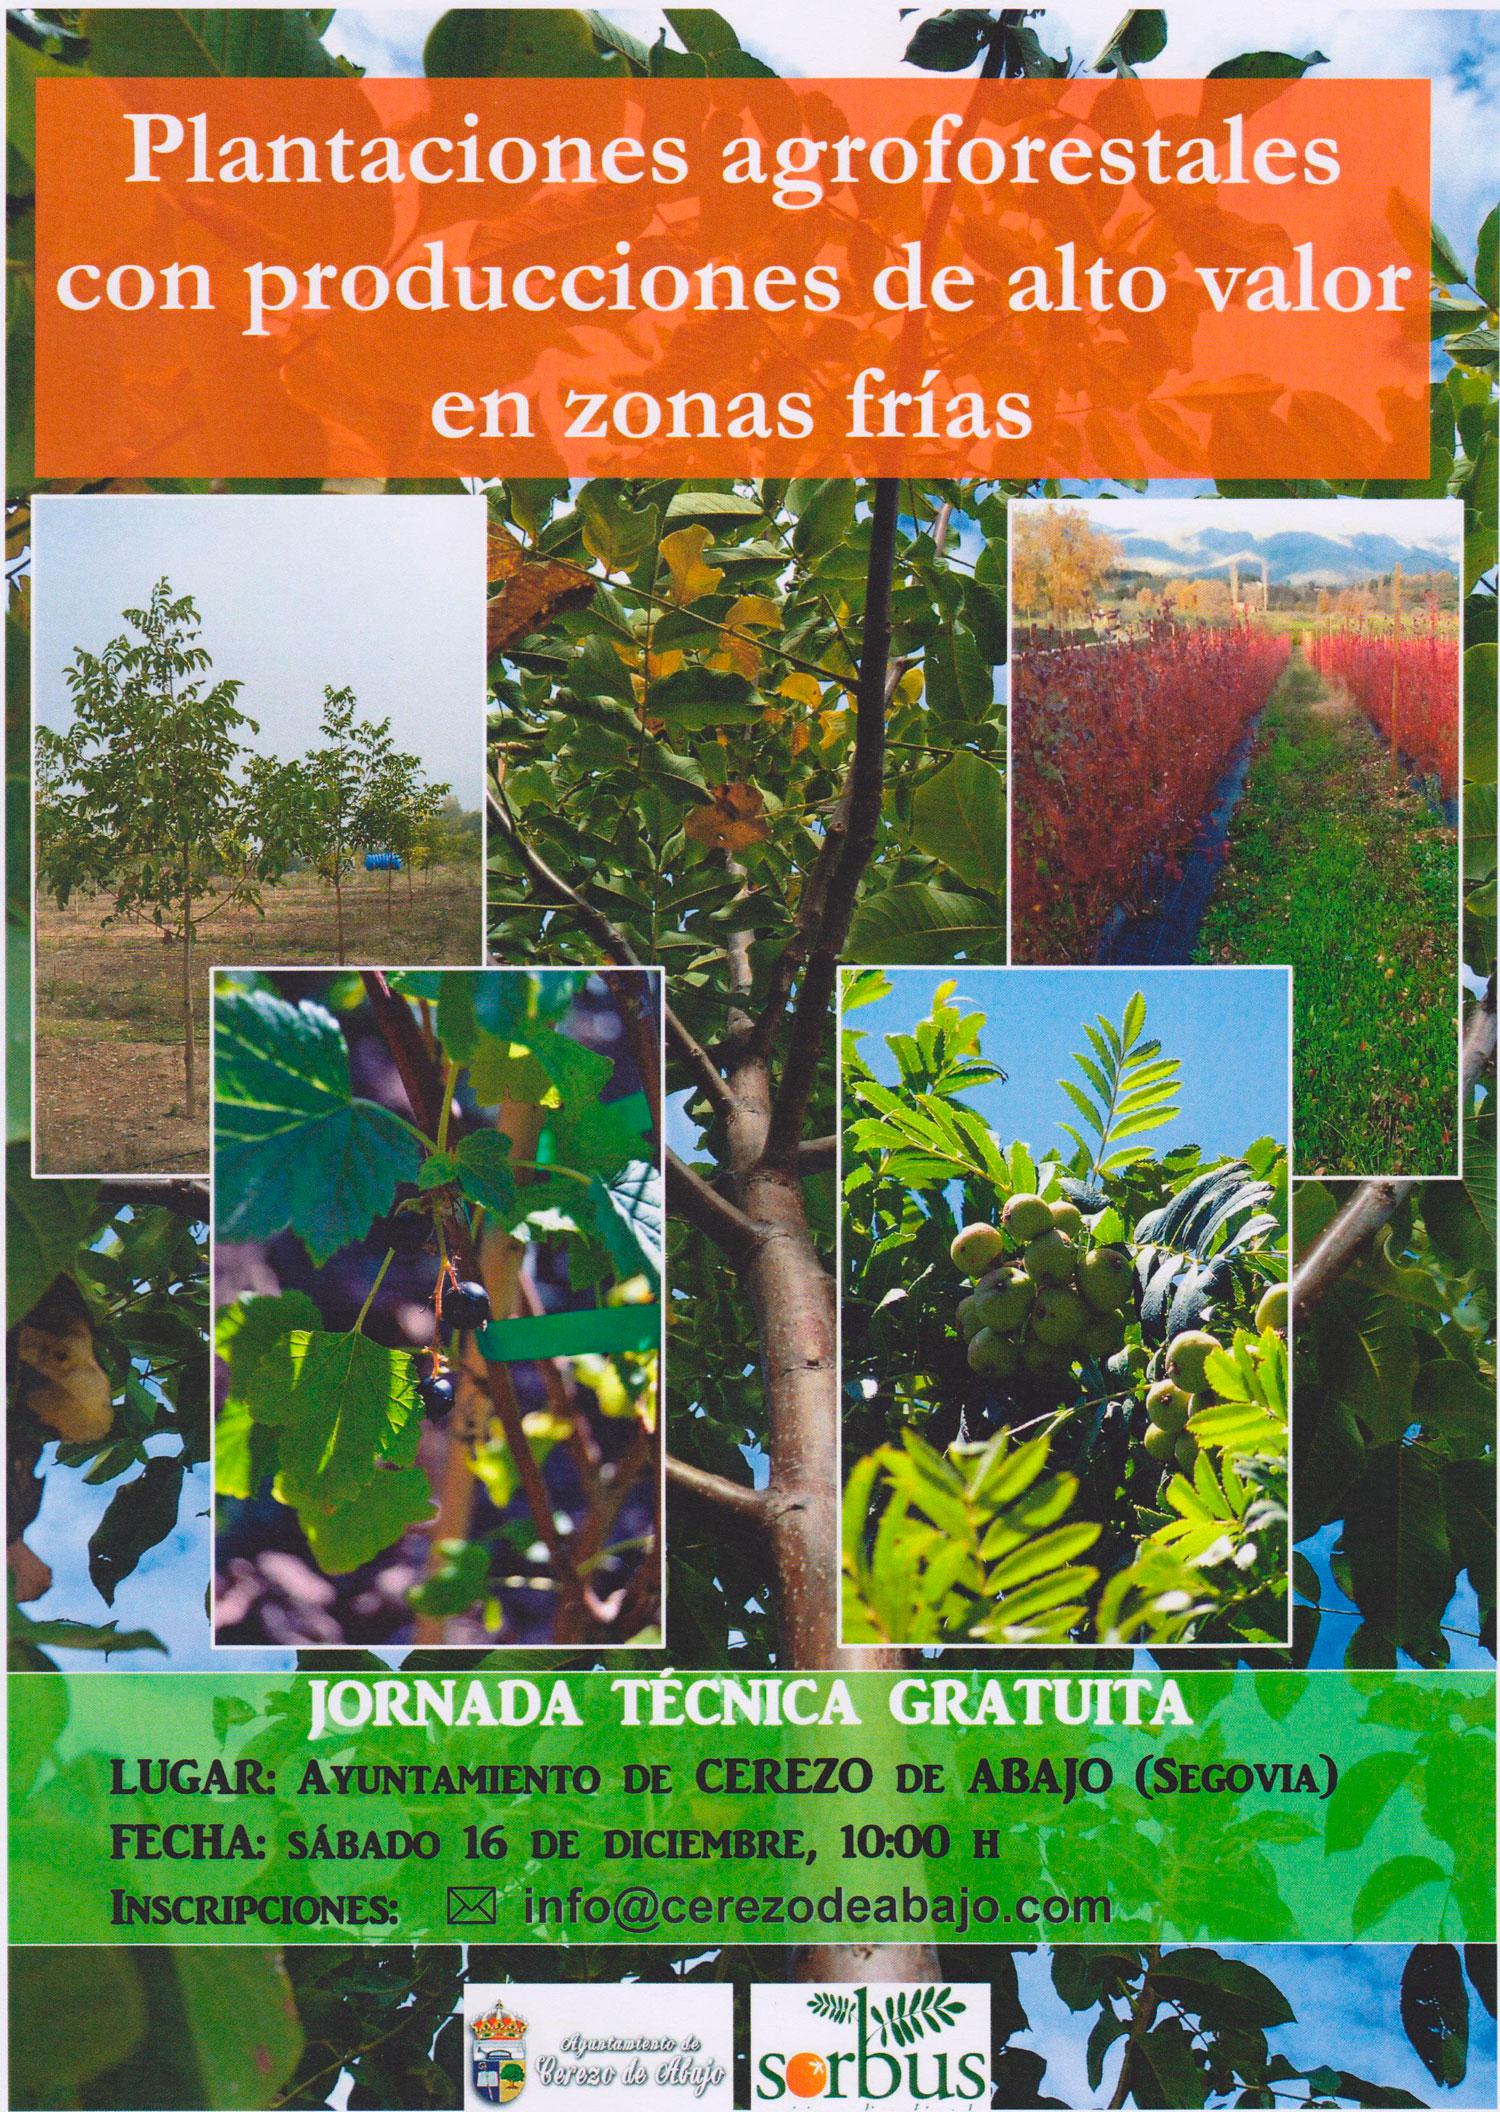 Plantaciones-Agroforestales-cerezo-de-abajo-1500